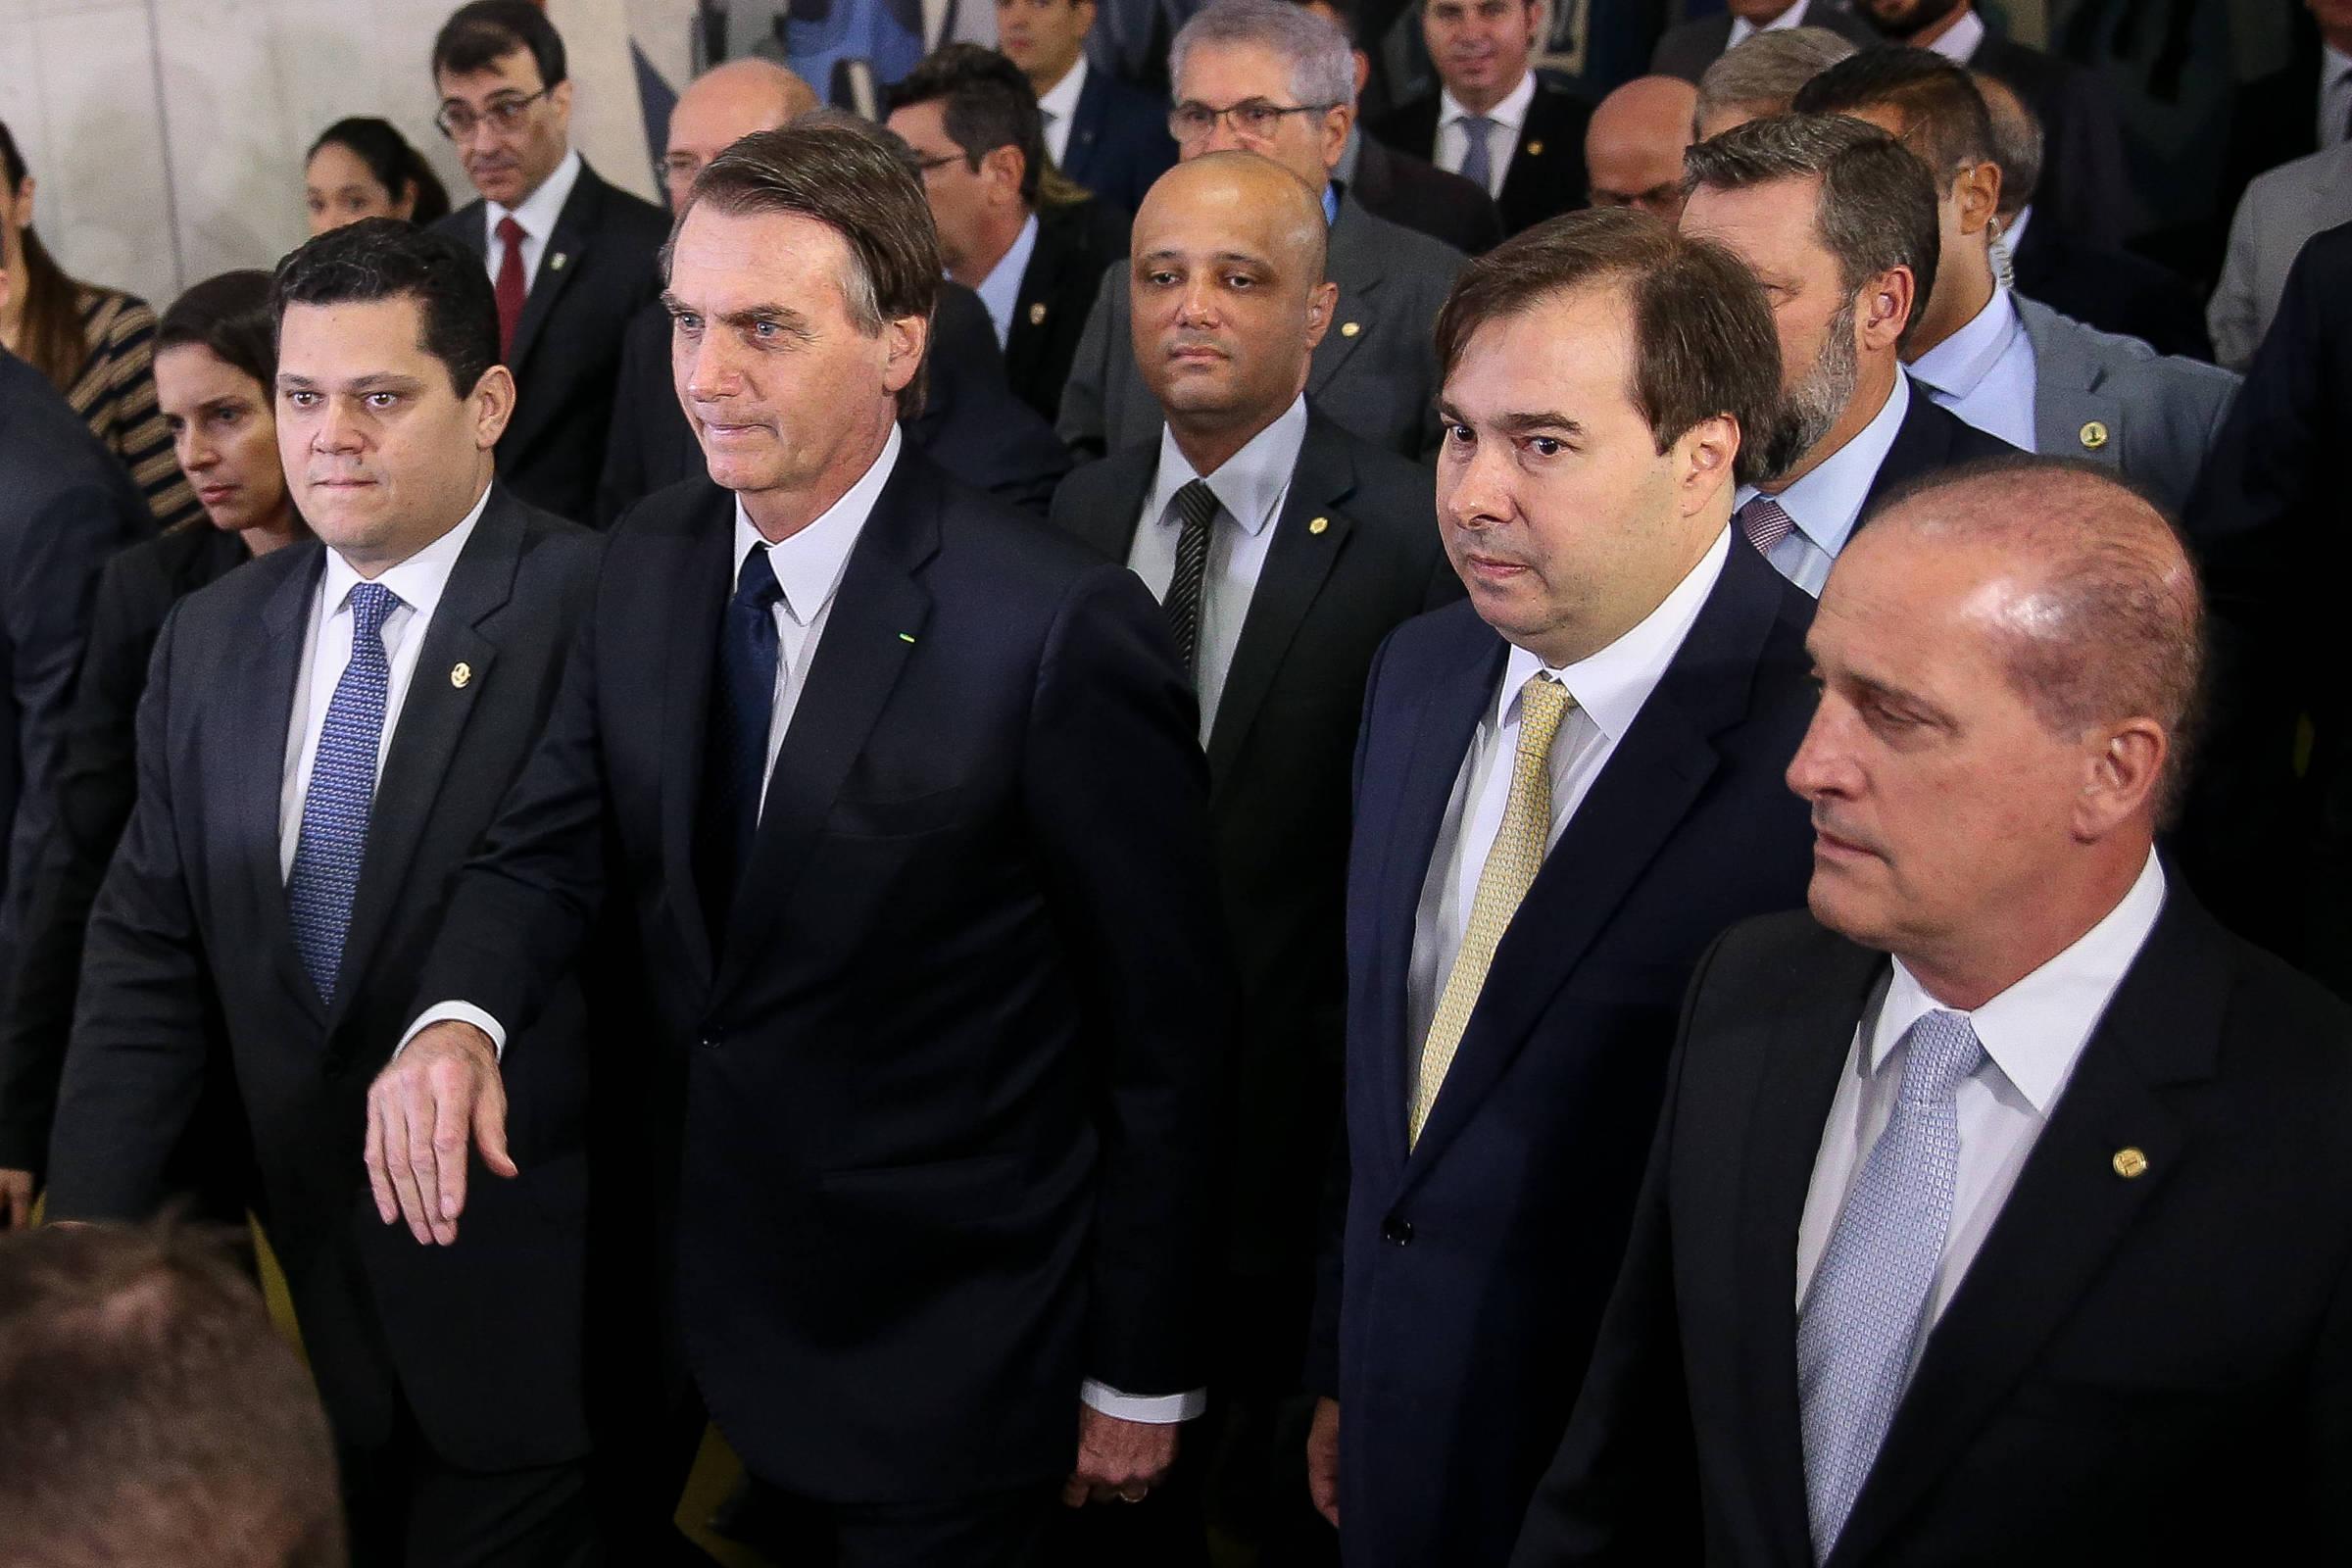 'O Brasil não quebra mais', comemora ministro da Casa Civil após reforma da Previdência